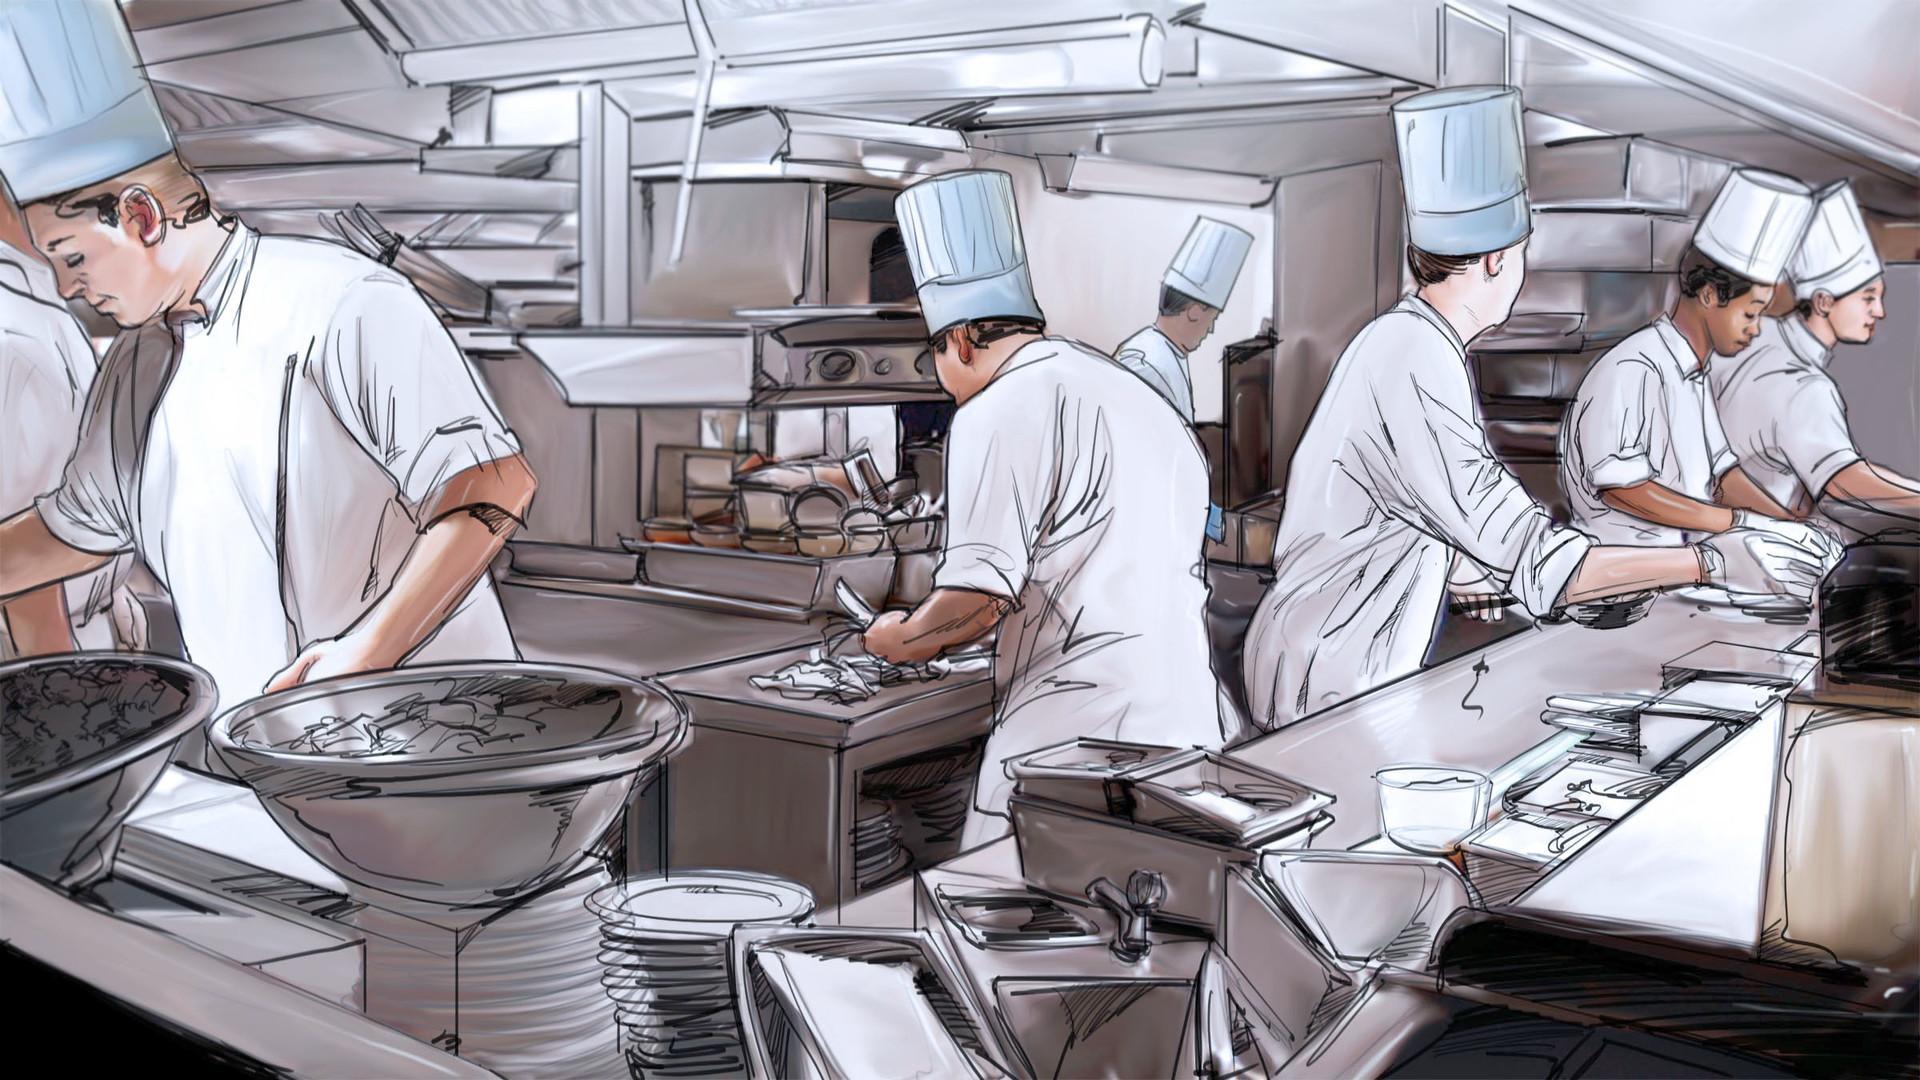 Busy Kitchen On Gabe Mcintosh Hotel Gabe 01 Color Mcintosh Busy Kitchen